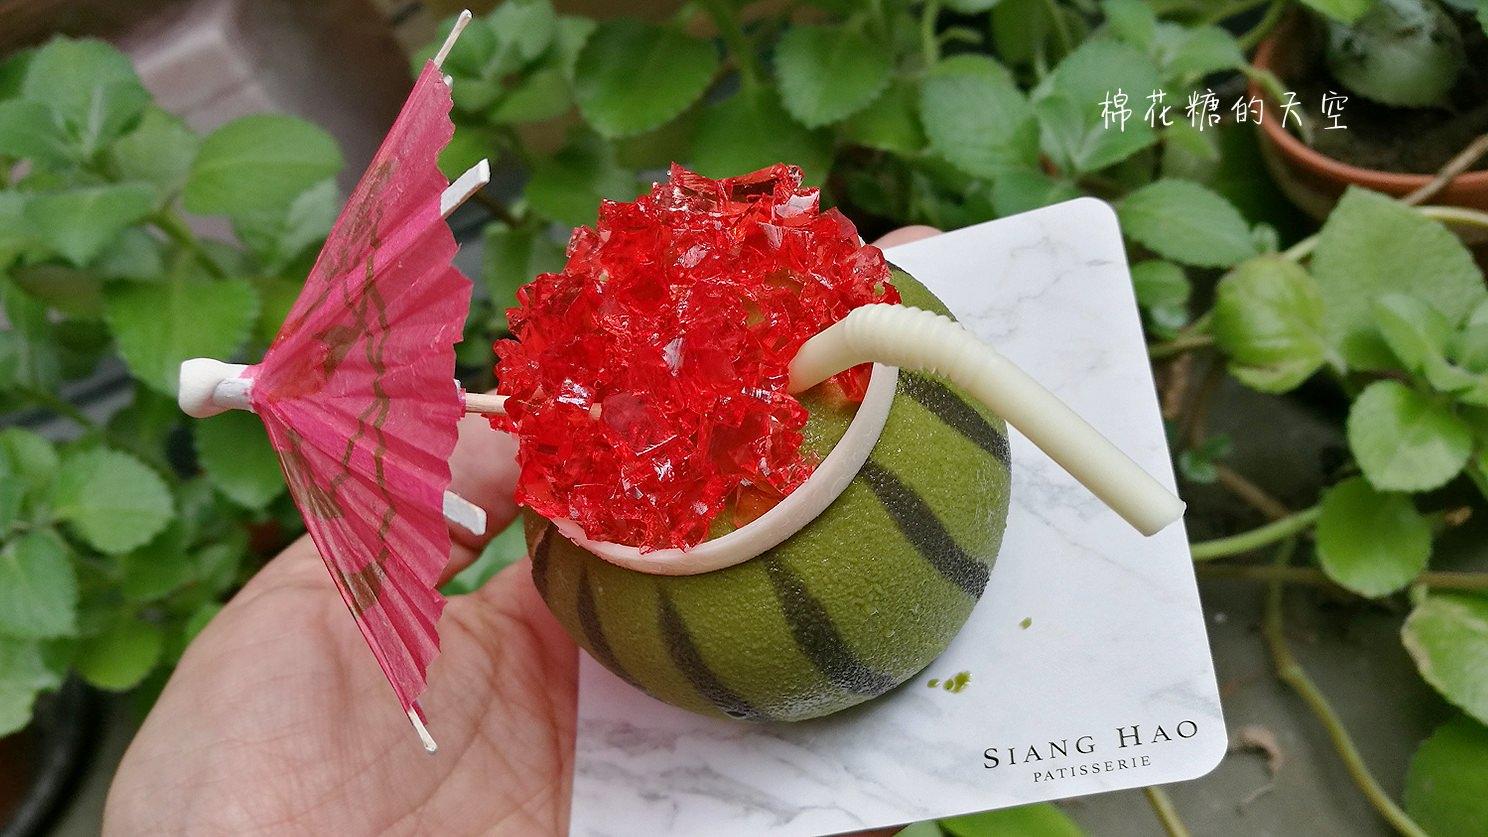 20180418222421 89 - 台中浮誇系甜點最新品-夏日西瓜,連吸管都可以吃喔!